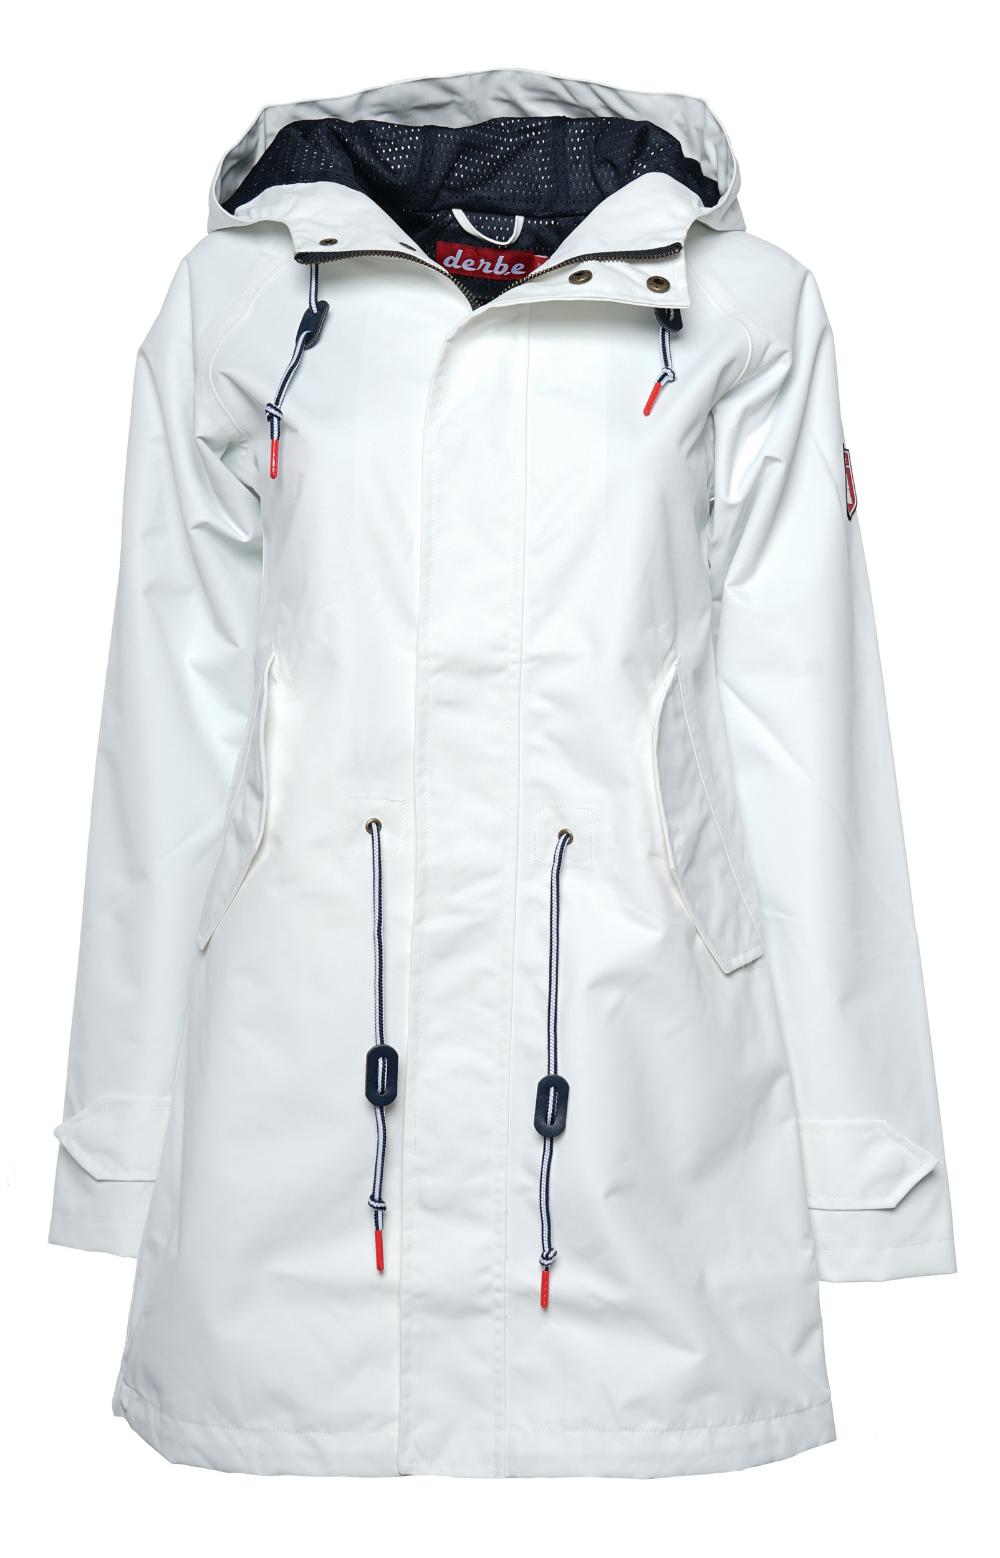 Frauen Regenmantel Wind Wasserdichte Jacke Kapuze Regen Mac Outdoor Poncho